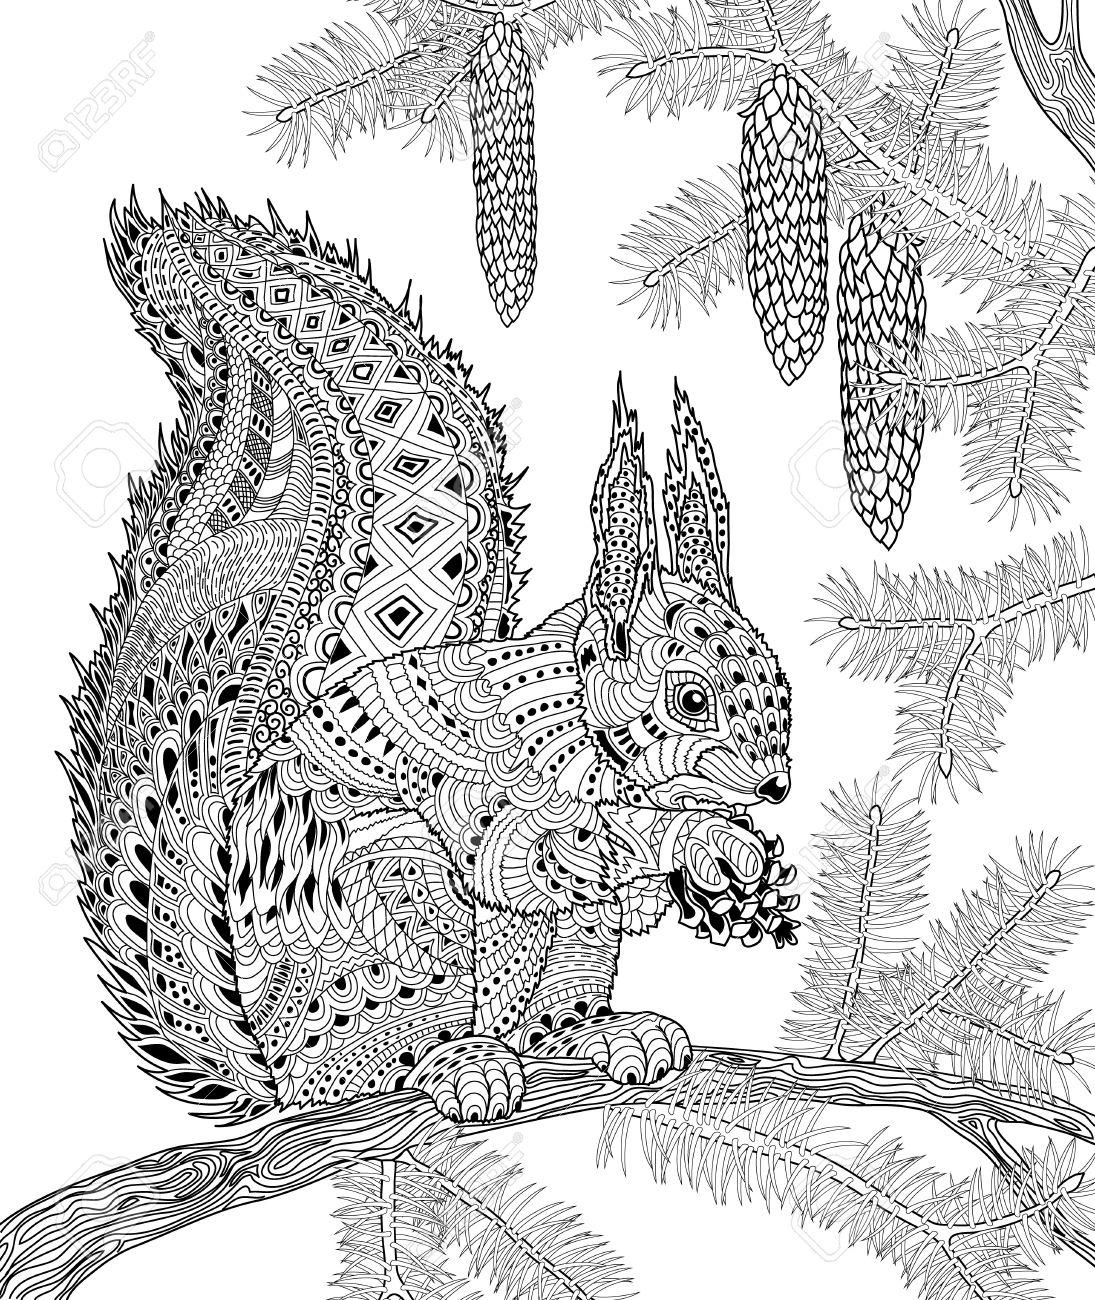 L écureuil pour anti stress adulte coloriage pour l art thérapie